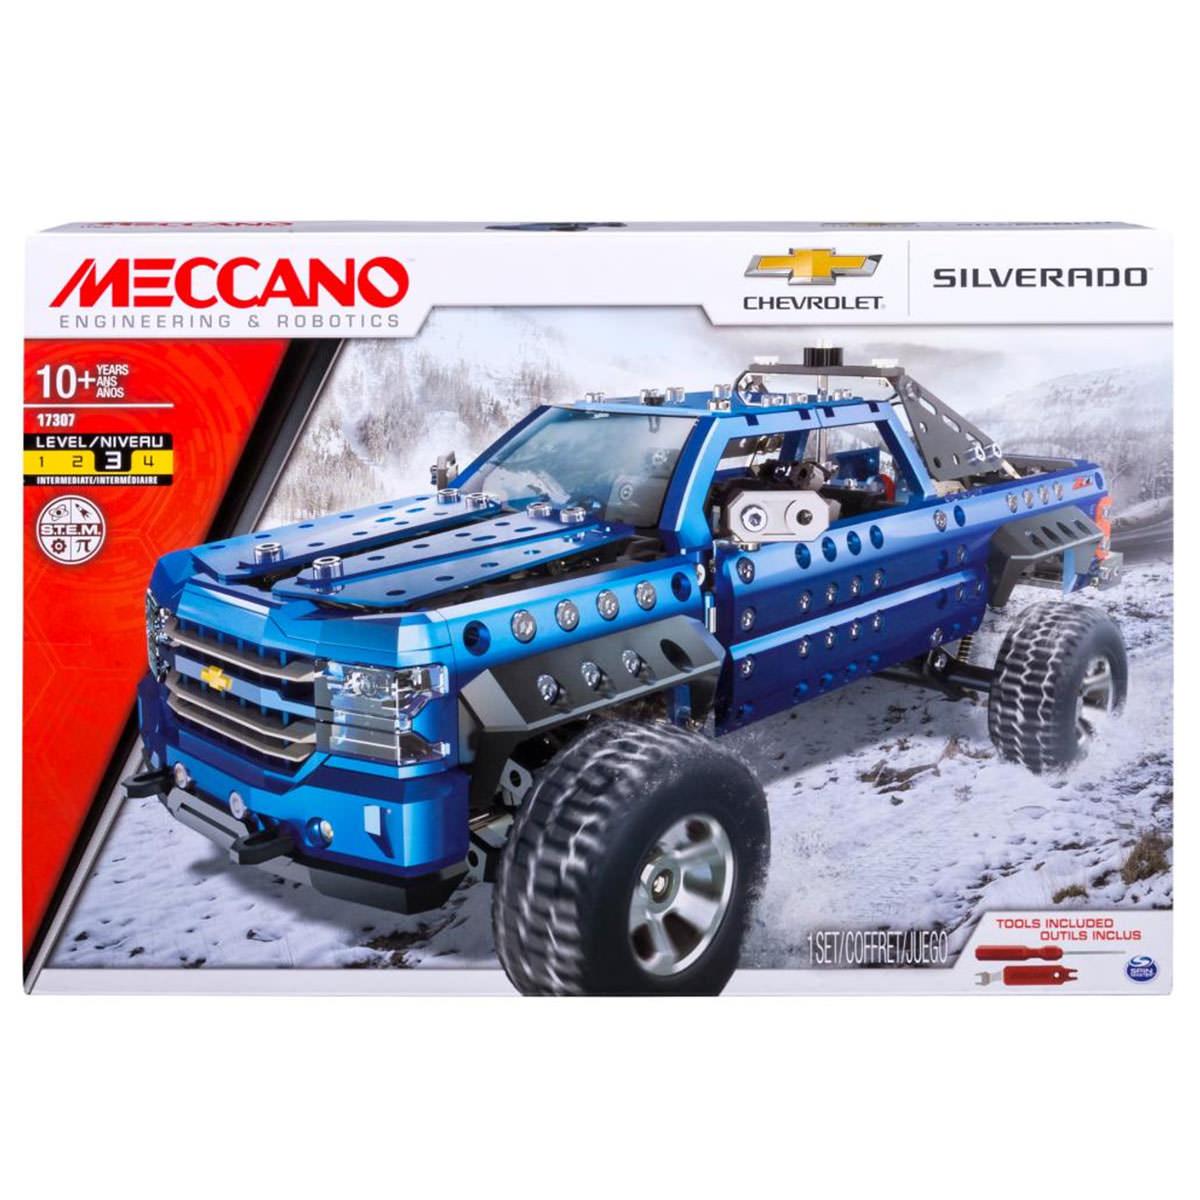 Meccano 17307 Chevrolet Silverado Pickup Truck